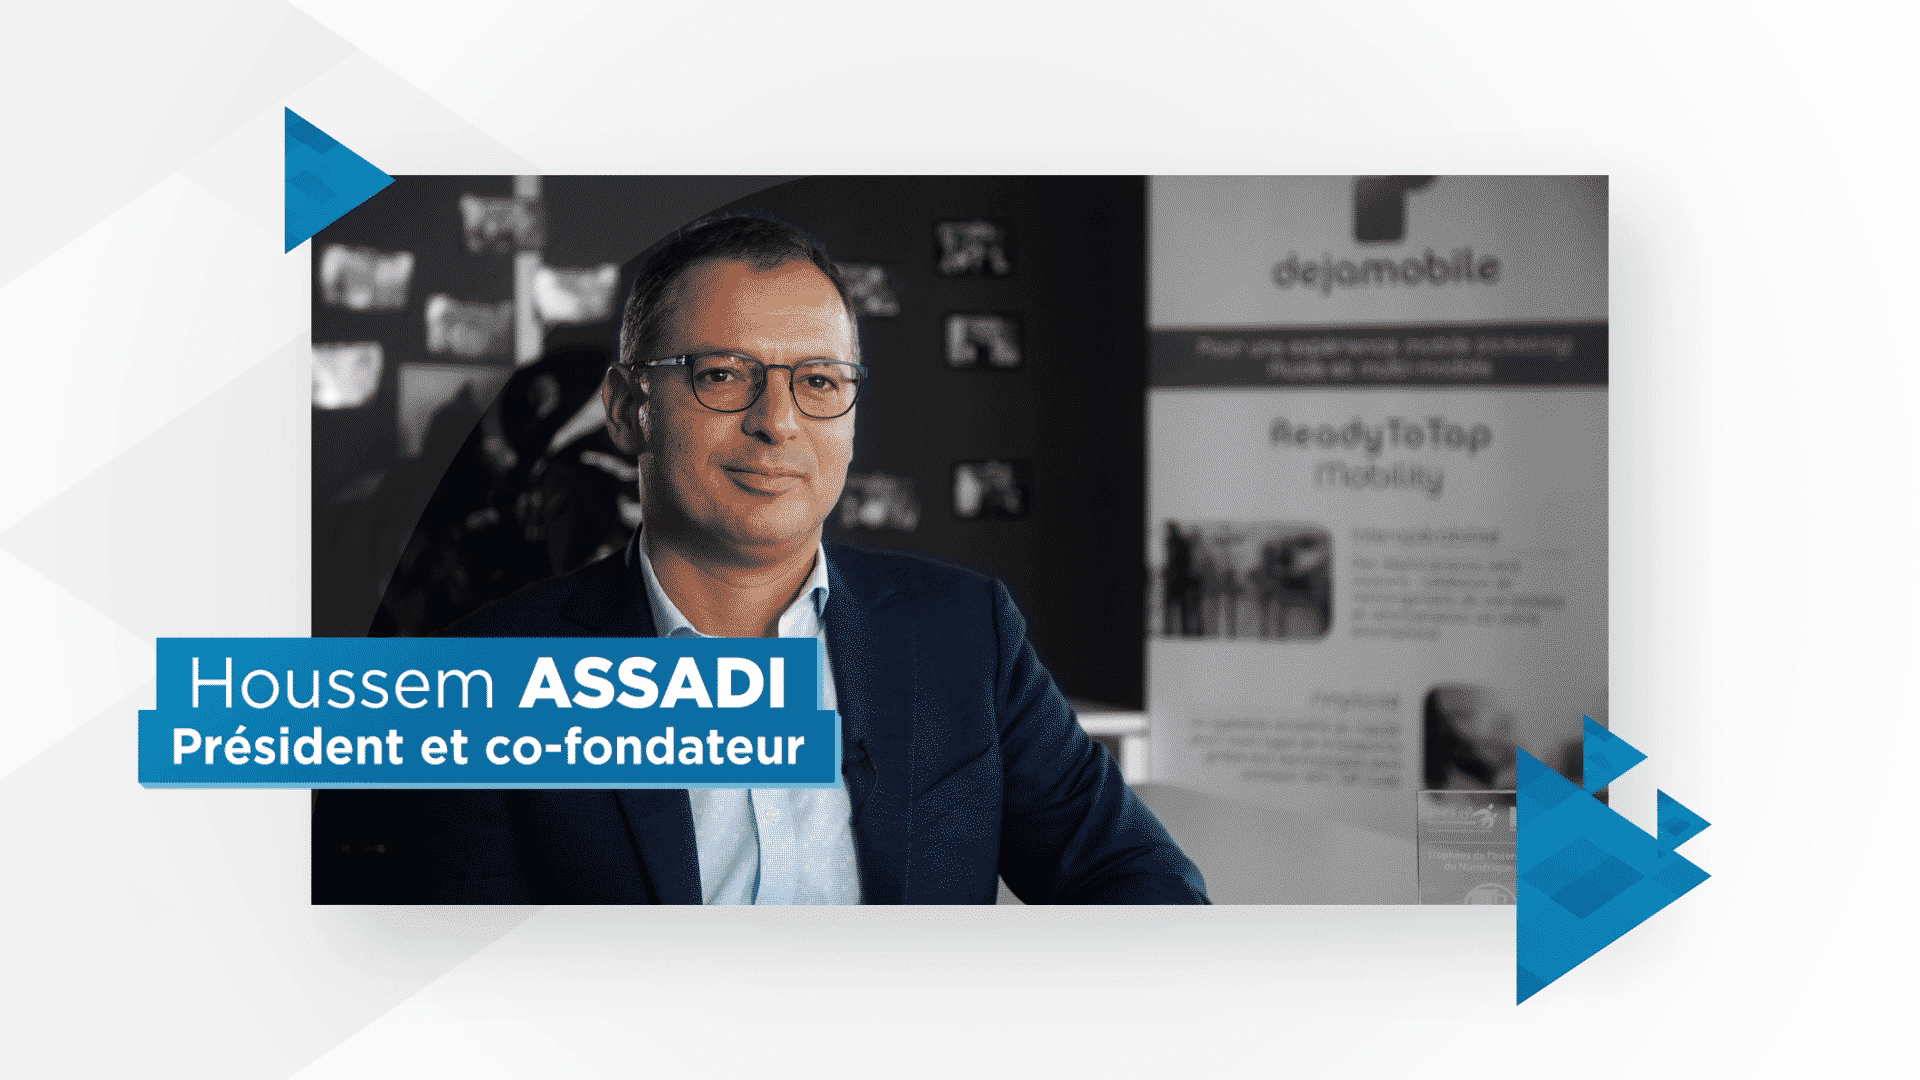 houssem-assadi-portrait-dejamobile-team-france-export